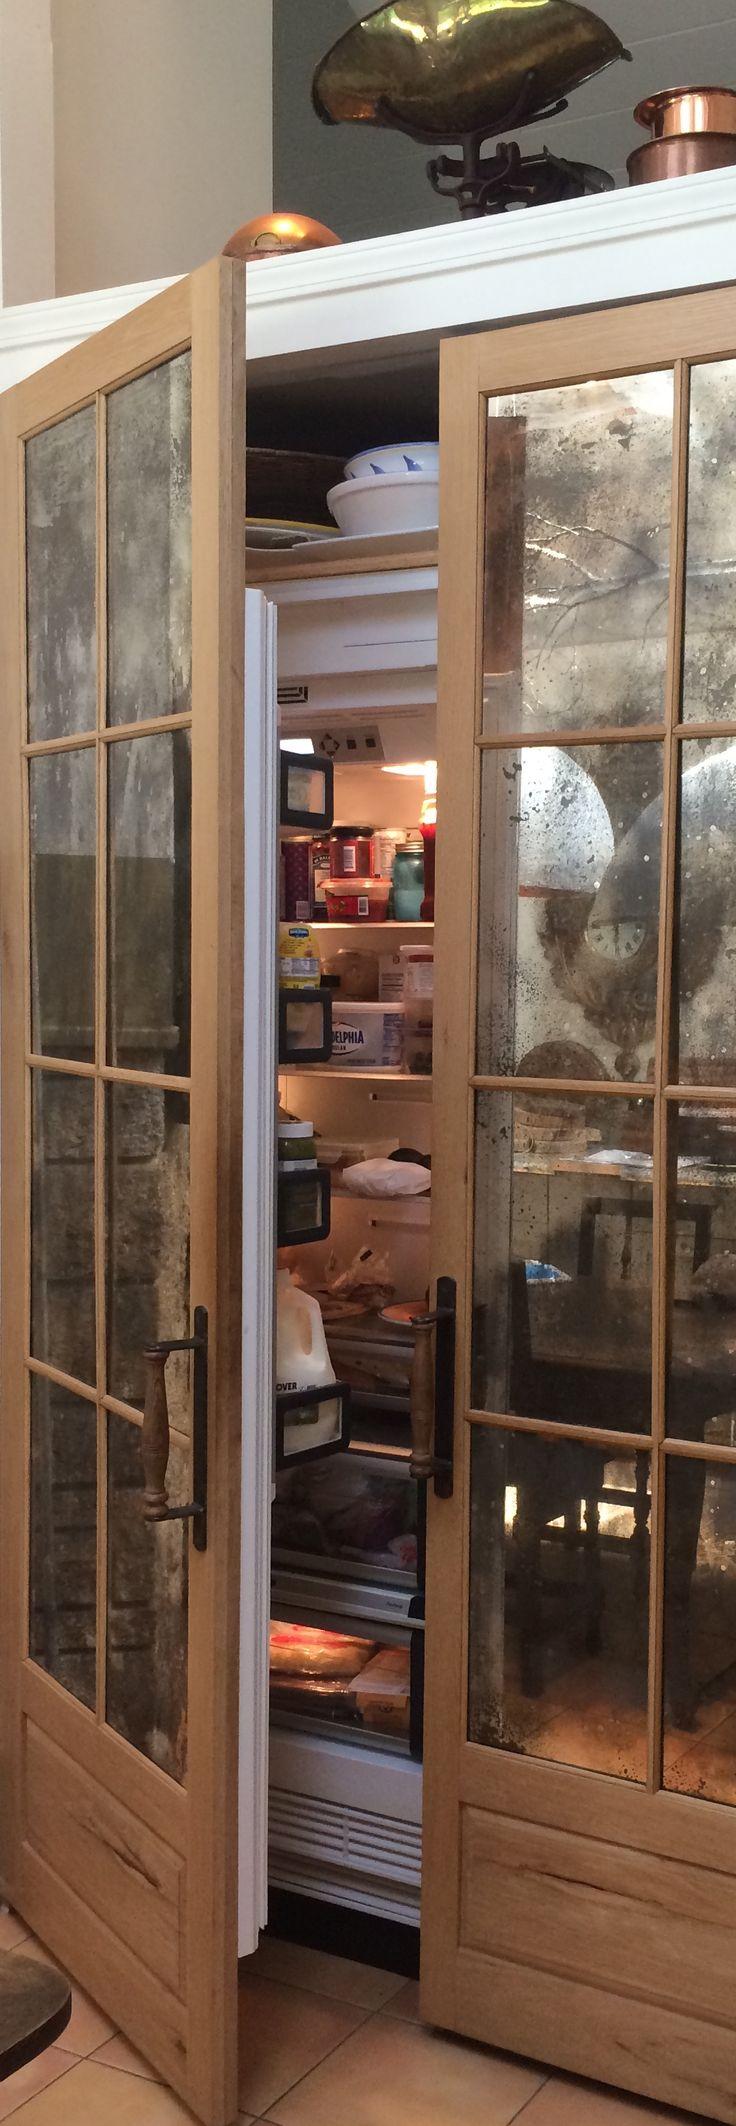 Thermador refrigerator hidden behind custom french doors